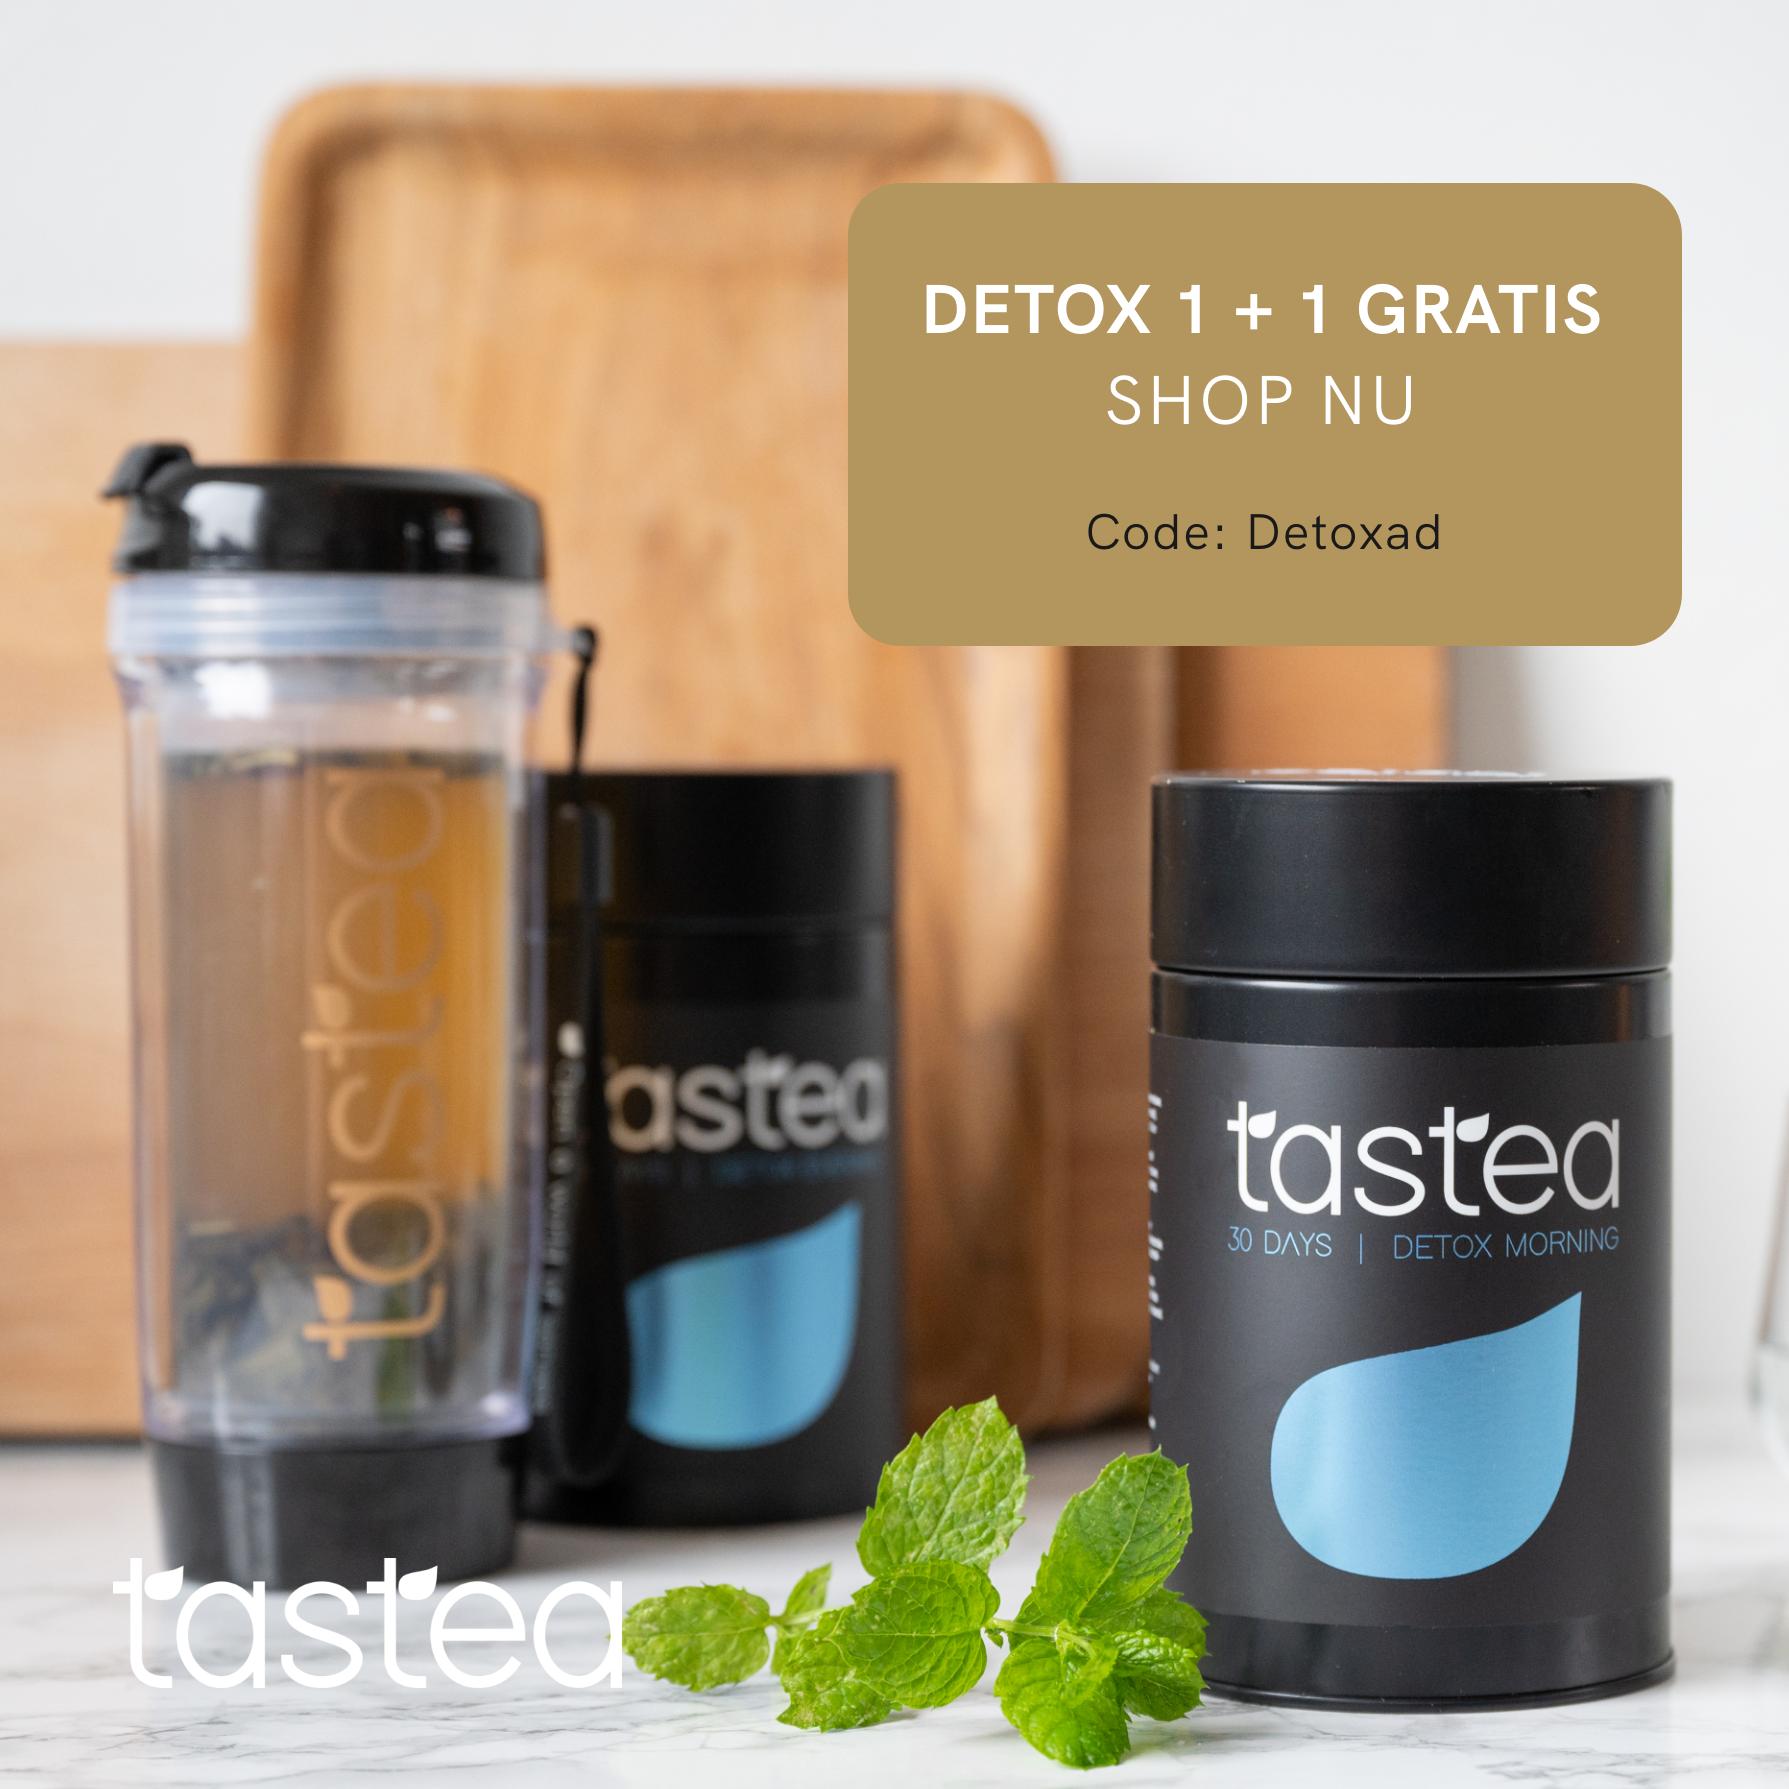 1+1 Gratis op de 30 Day Detox met actiecode: DetoxAD